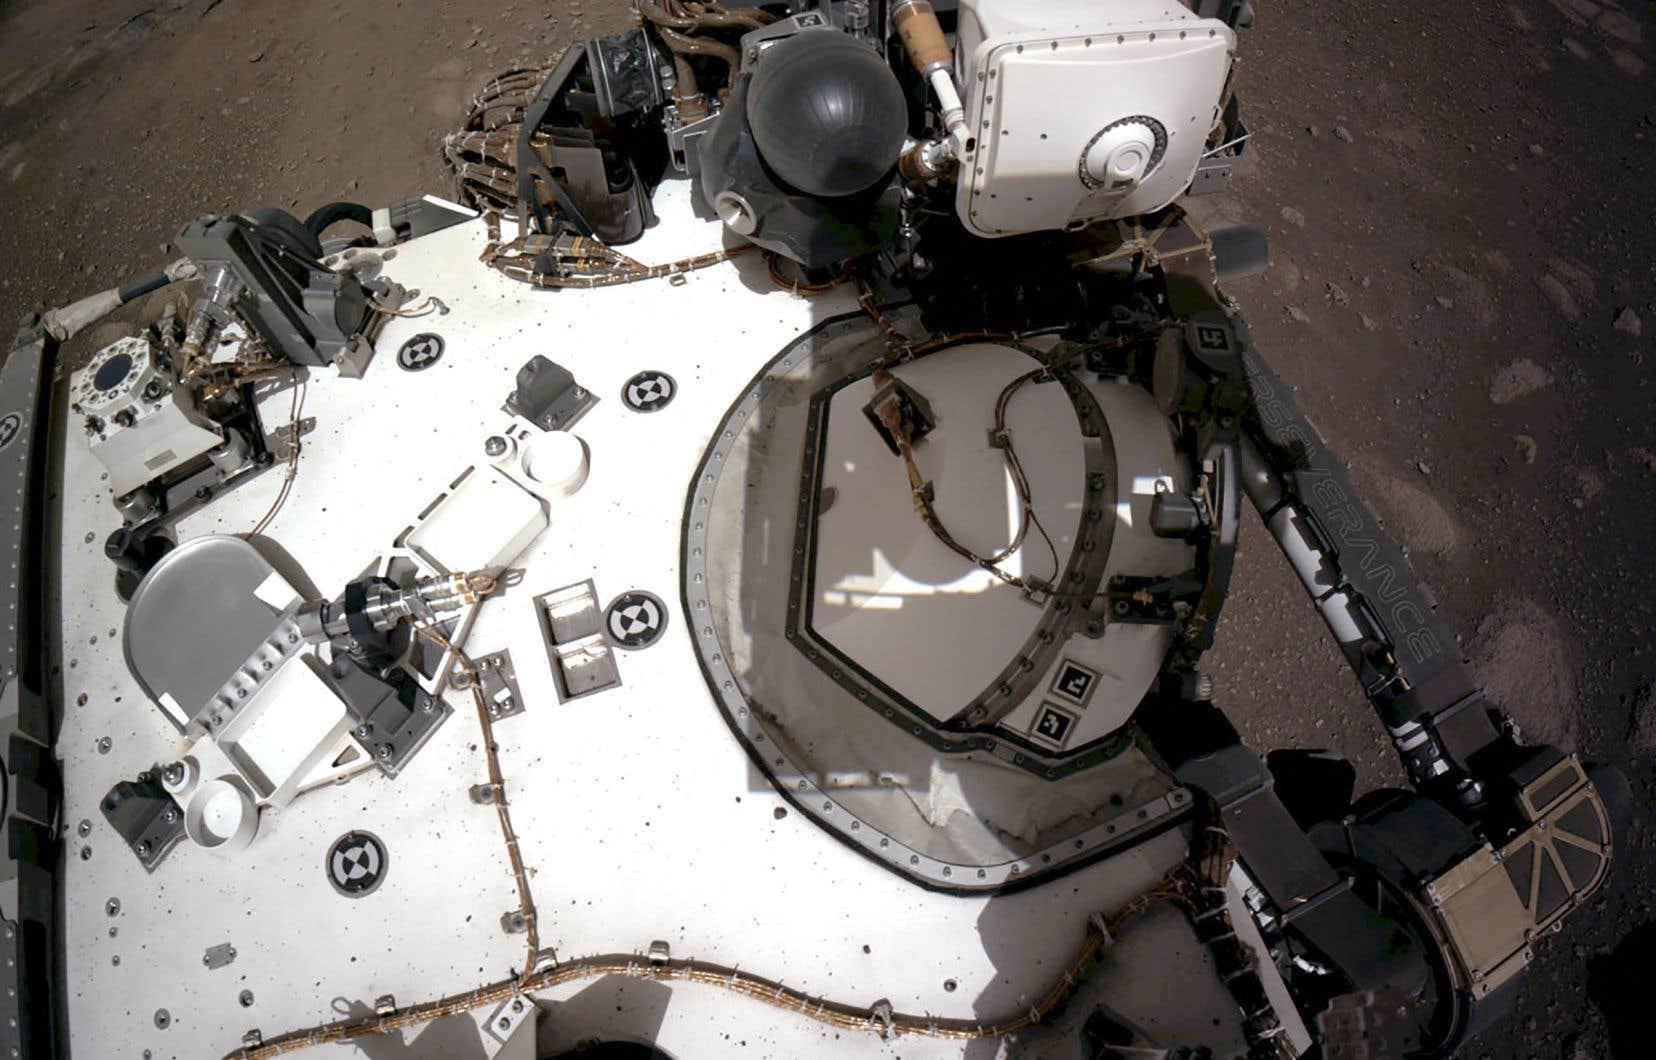 «Perseverance» a emporté deux micros, dont l'un situé sur l'instrument scientifique SuperCam, une caméra ultra-sophistiquée de la taille d'une boîte à chaussures.